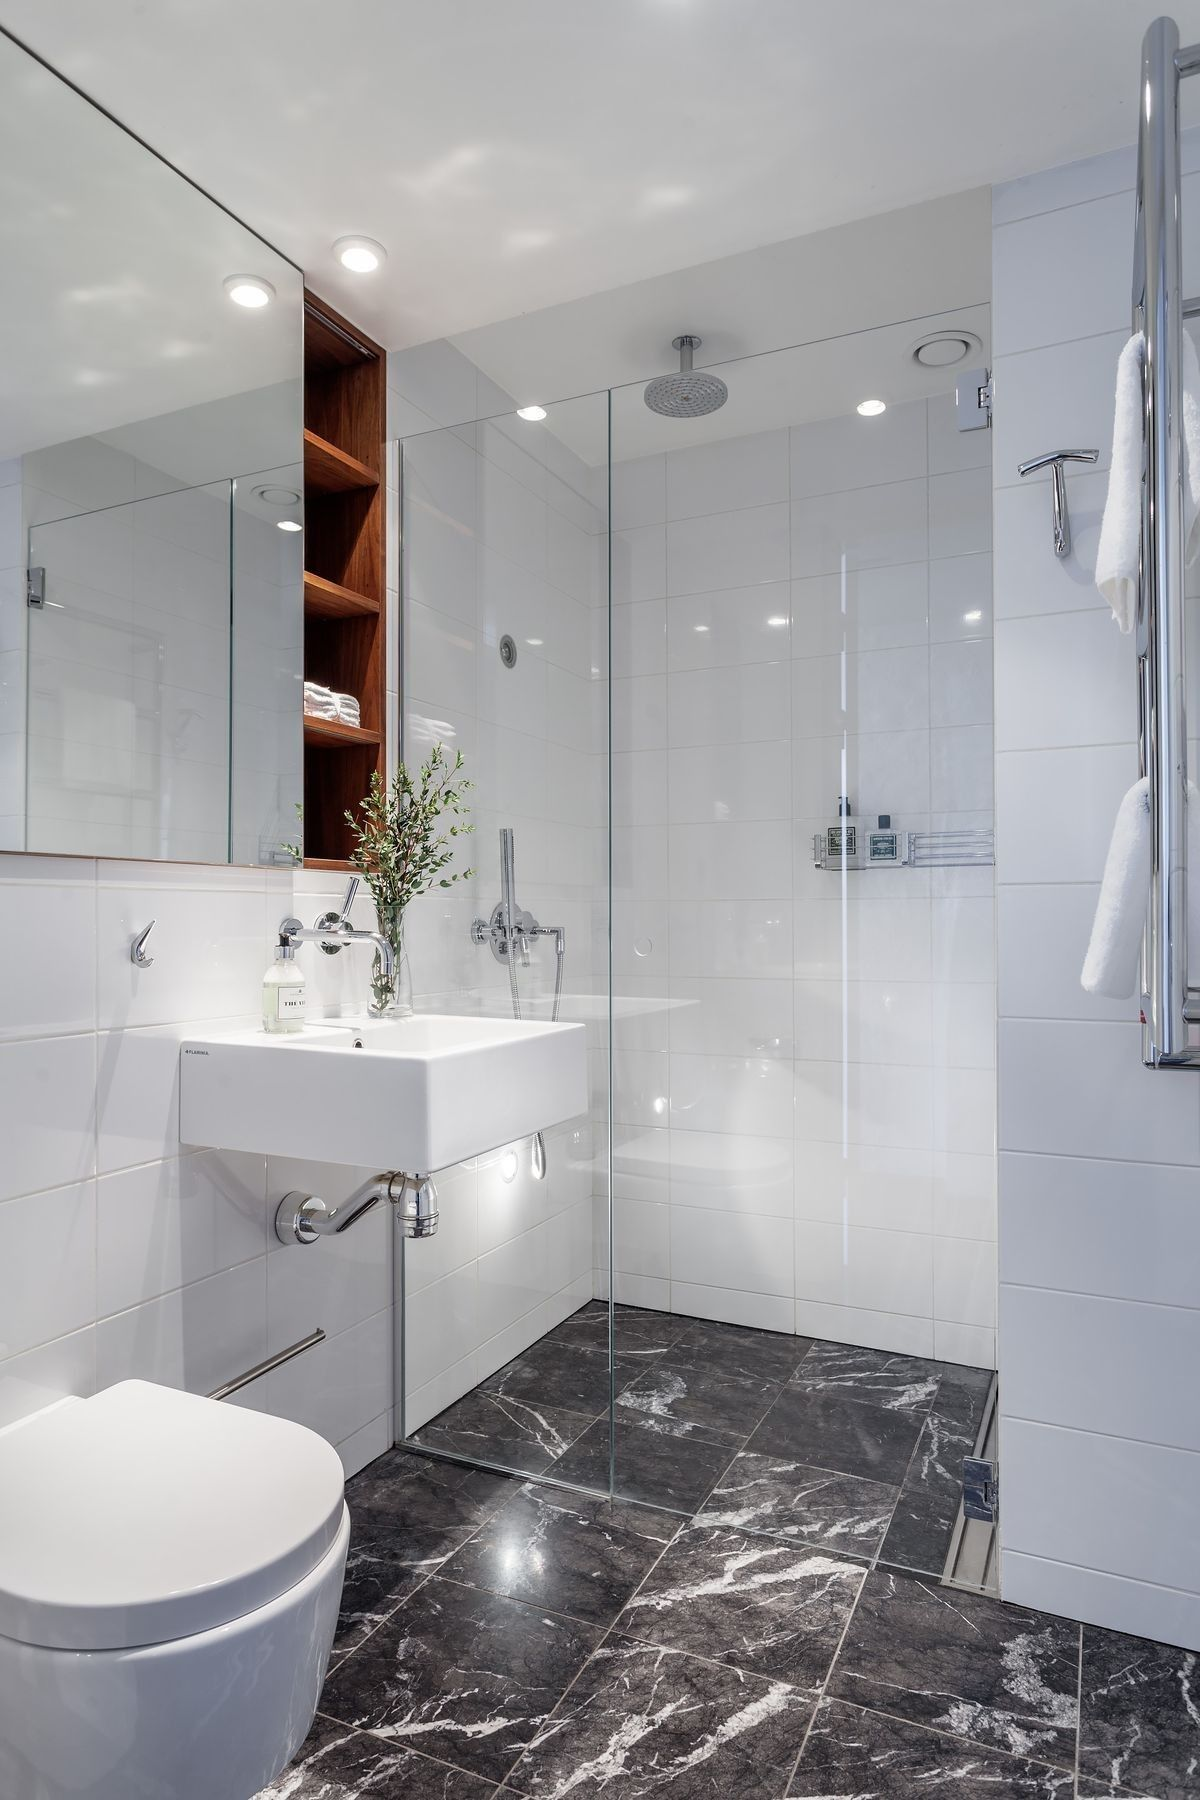 Pingl Par Emilia Sur Bathroom Pinterest Salle De Bains Et Salle